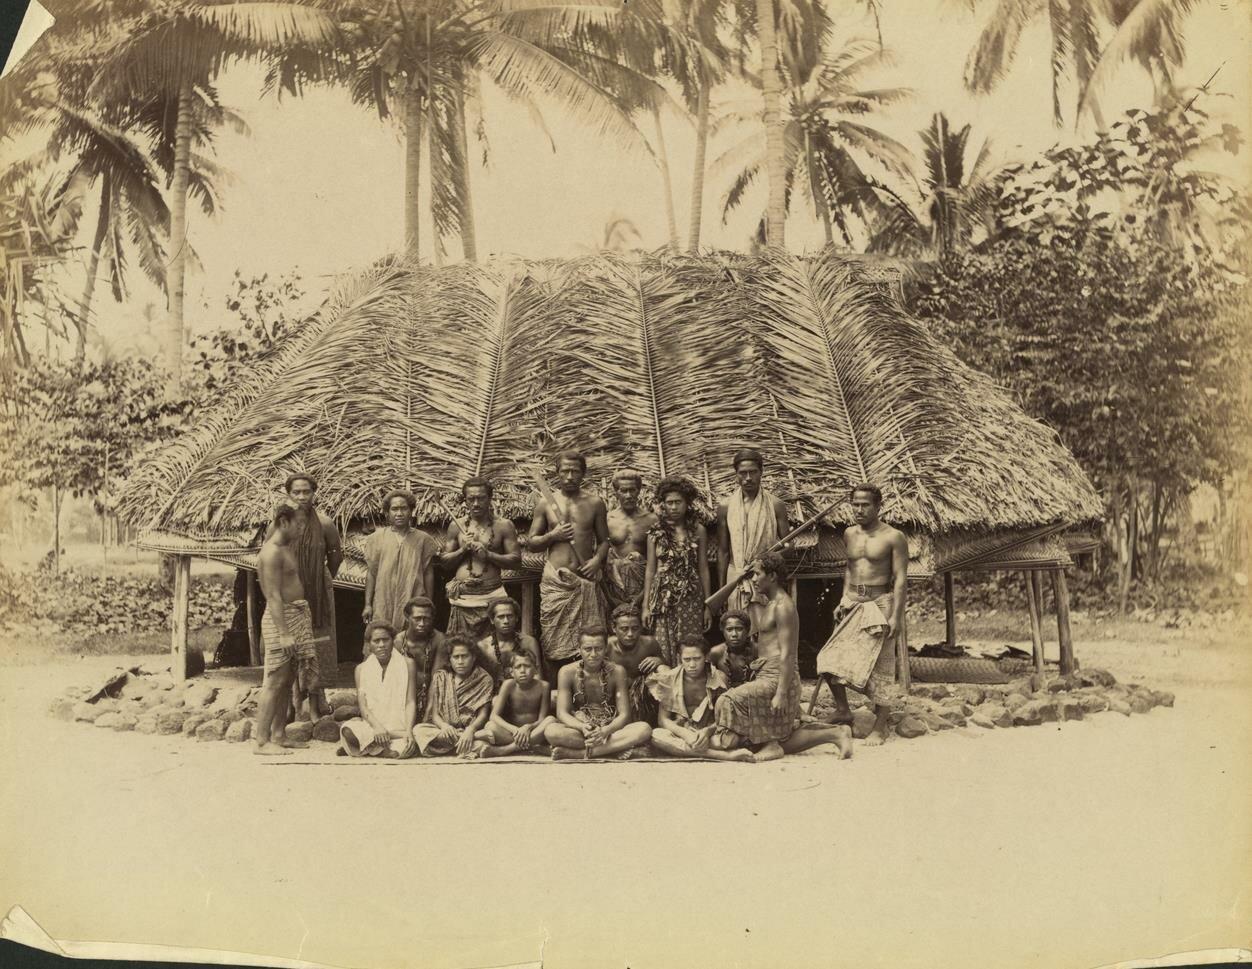 Самоанцы, позирующие для фотографии перед хижиной,1900